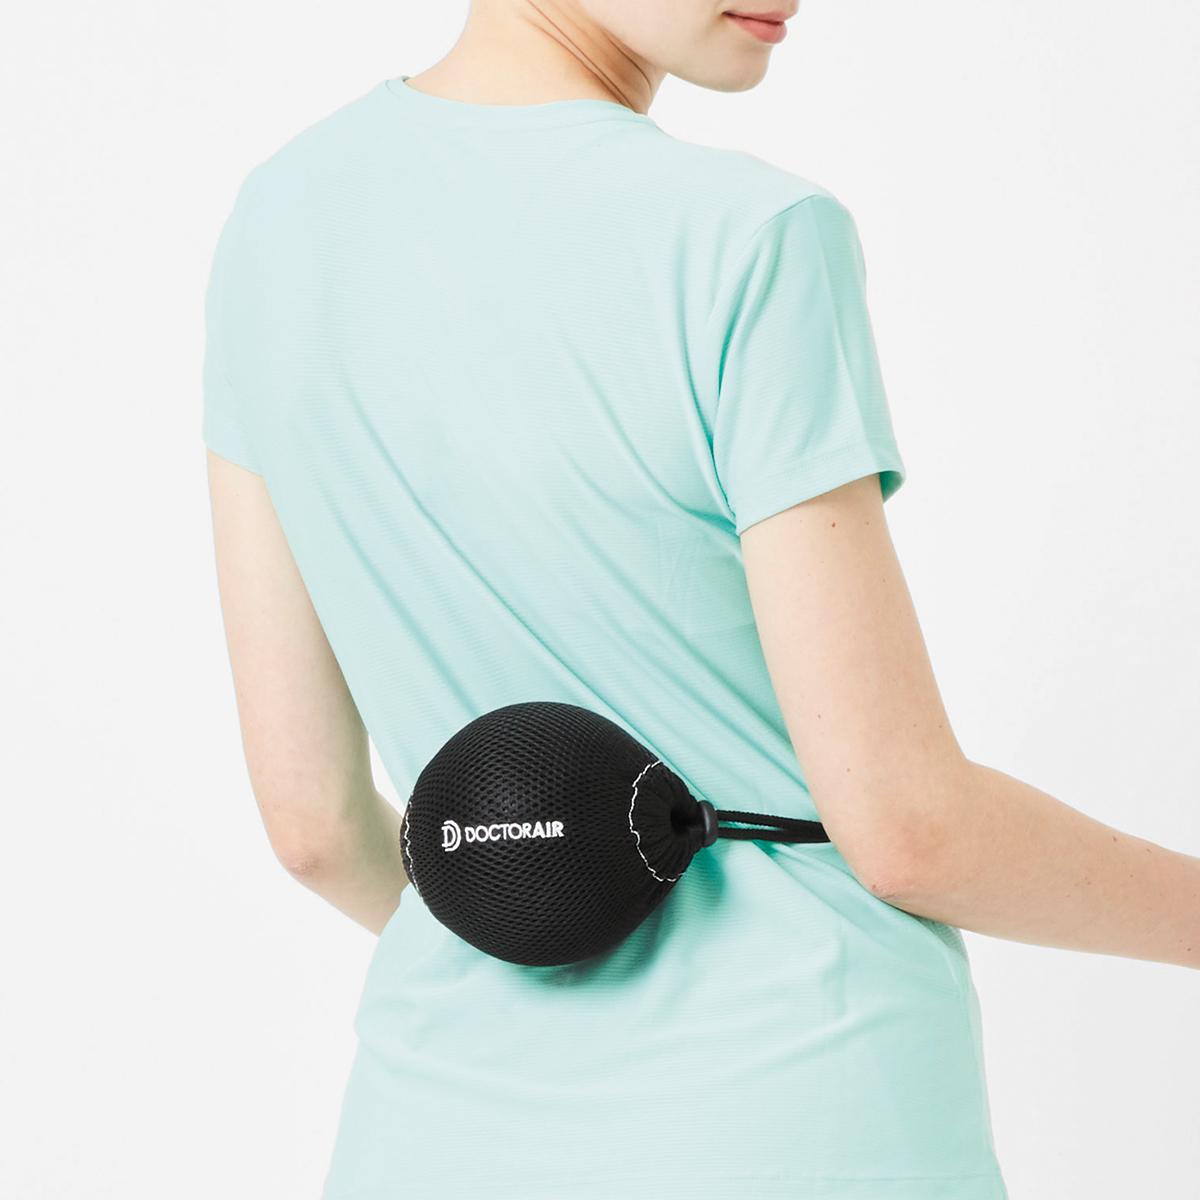 振動させずに、押し当てるだけのストレッチも気持ちいいストレッチボール|Dr.Air 3Dコンディショニングボール